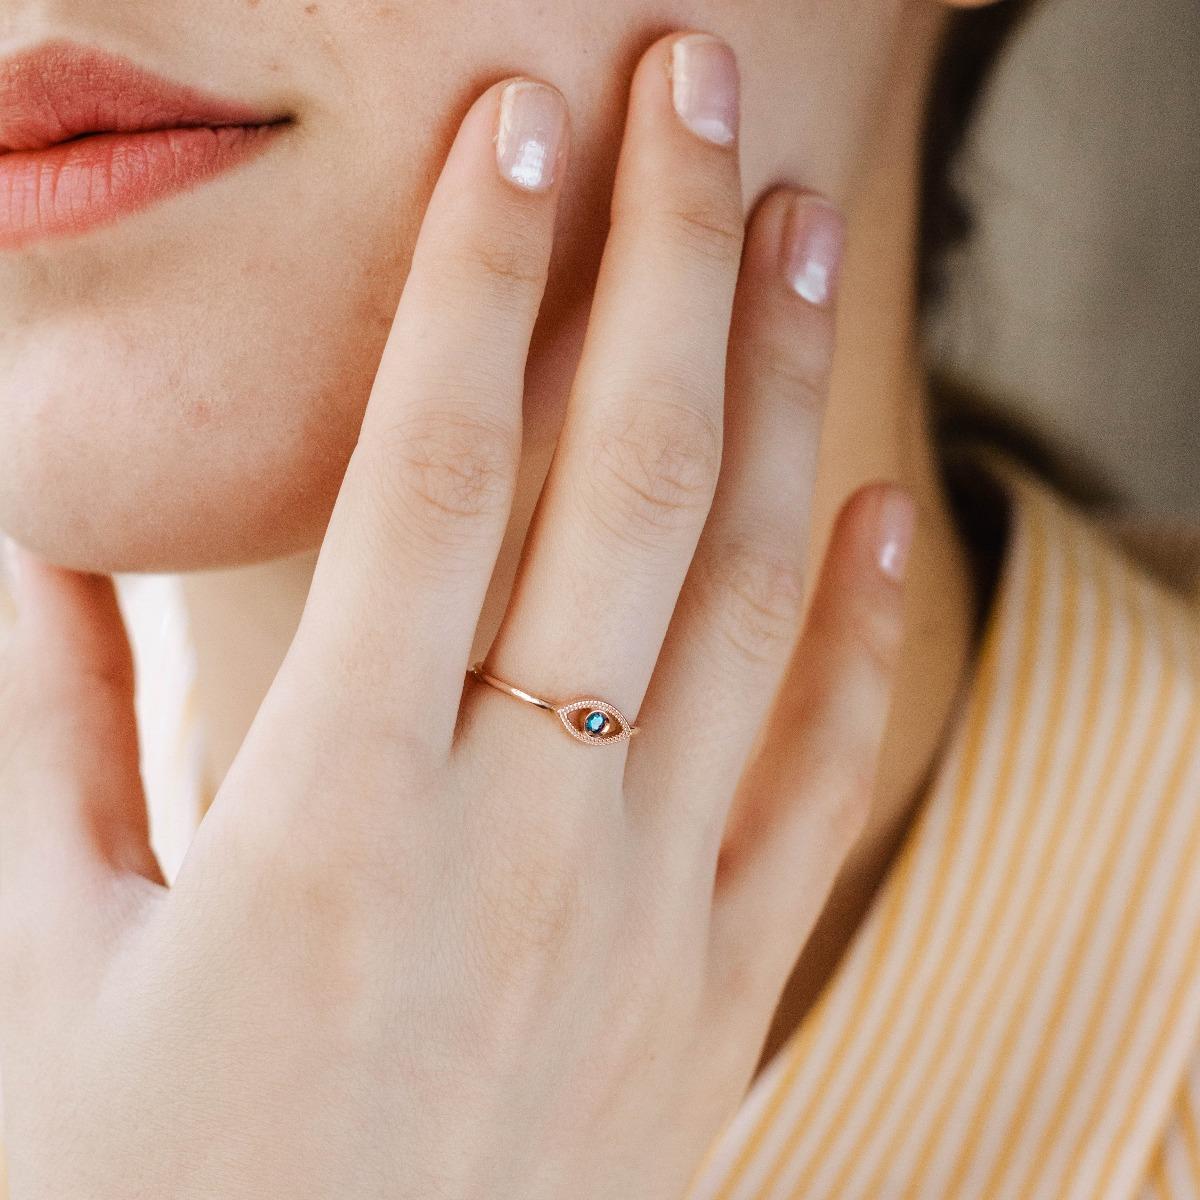 Χρυσό Δαχτυλίδι 14Κ Μάτι Τοπάζι-16662